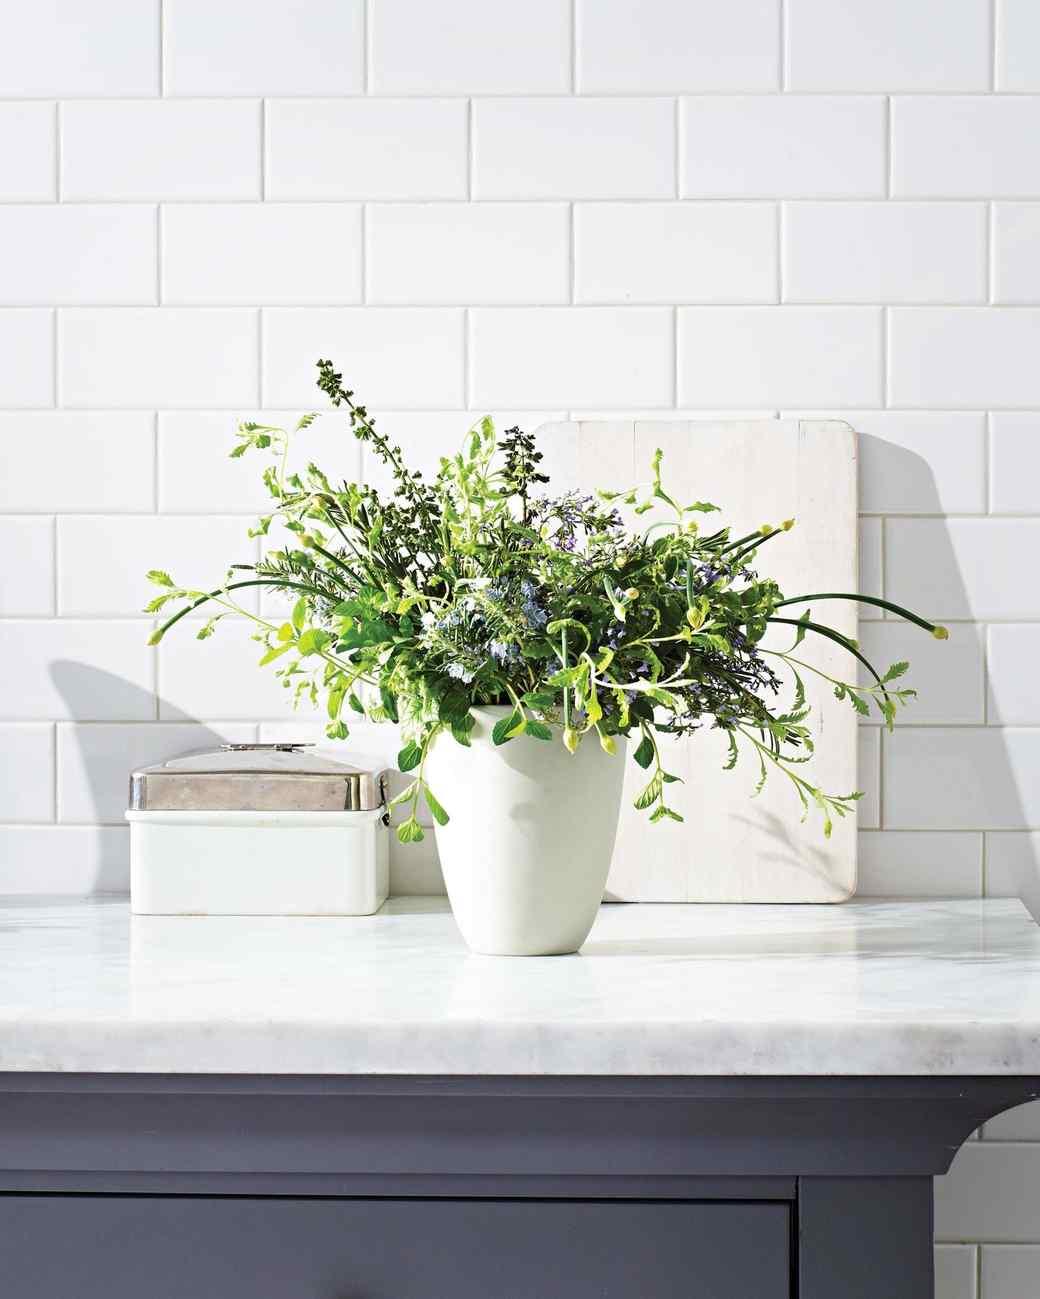 herb-bouquet-137-d112984.jpg